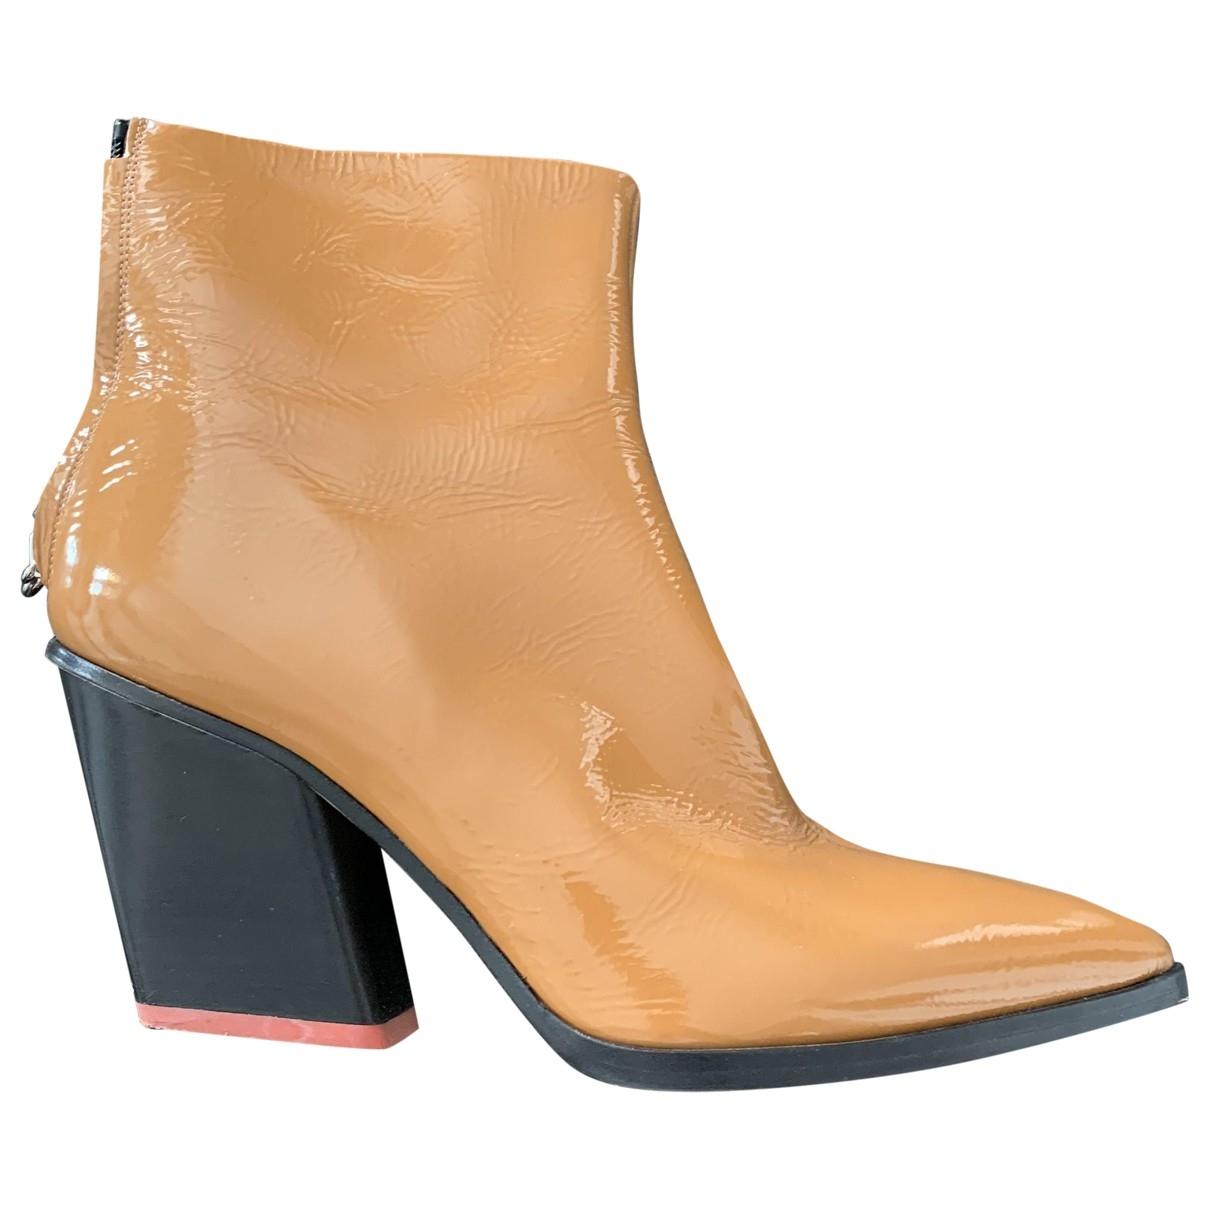 Aeyde - Boots   pour femme en cuir verni - marron